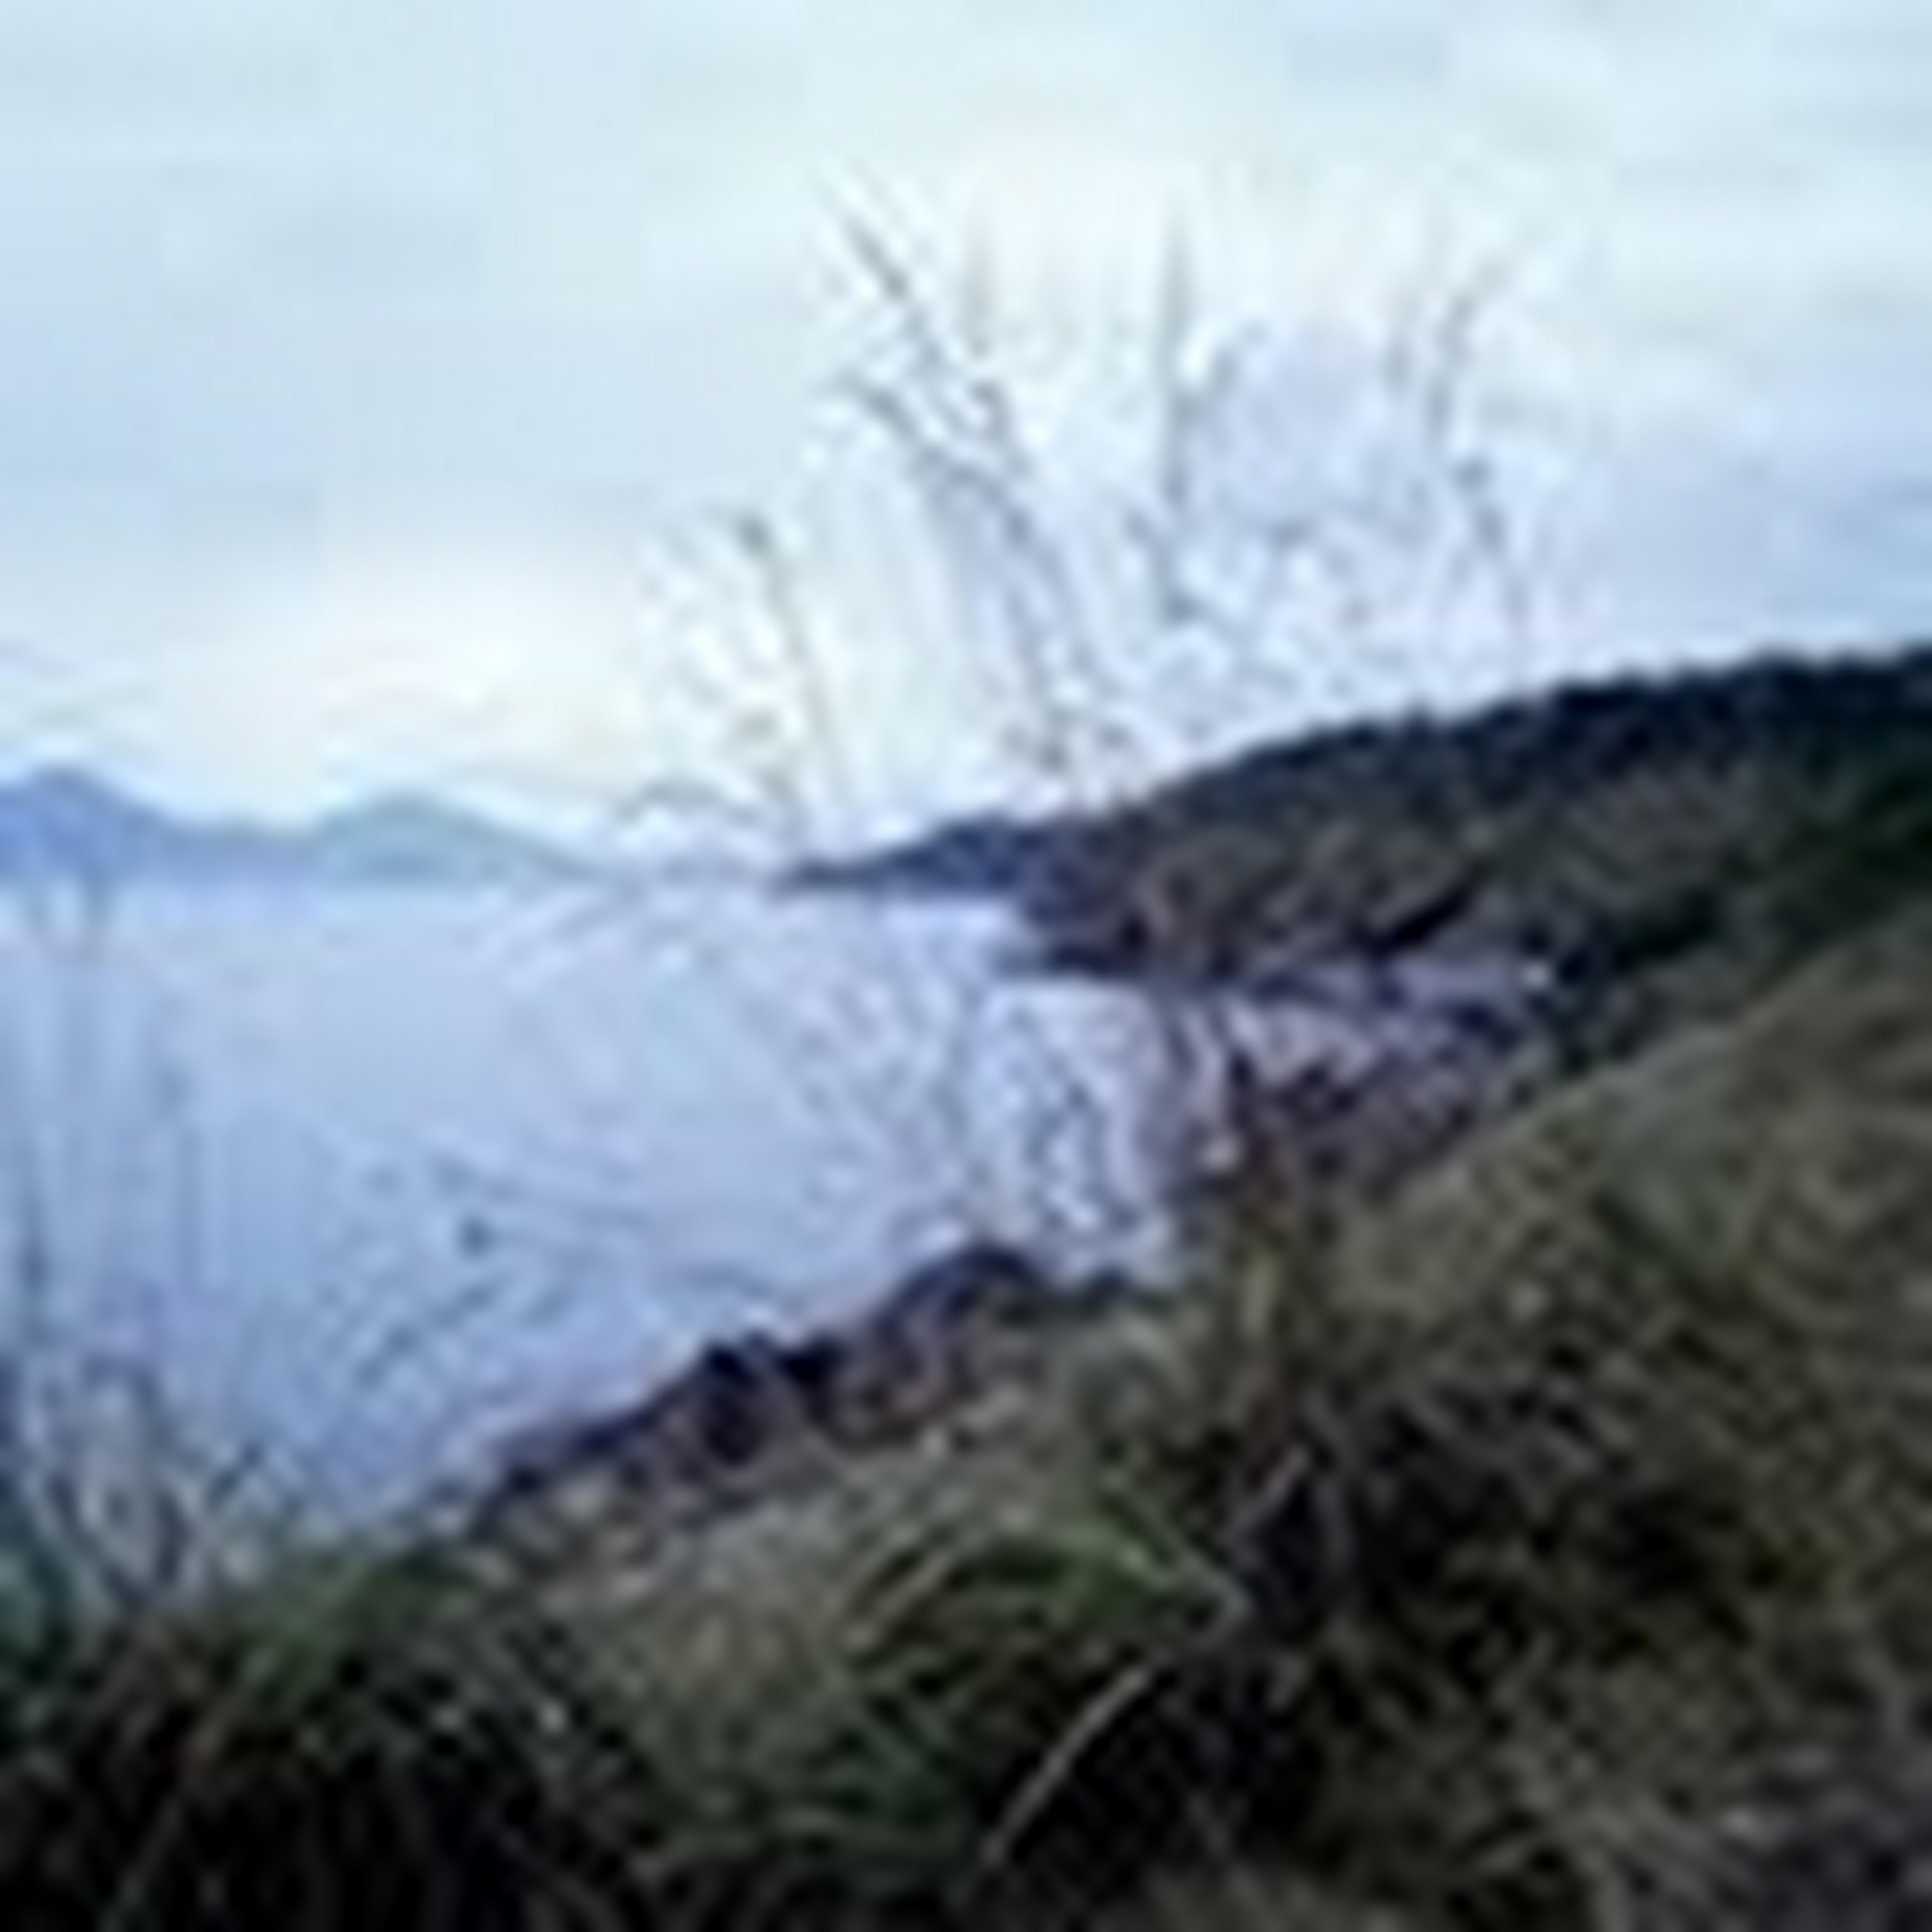 Pattanawong